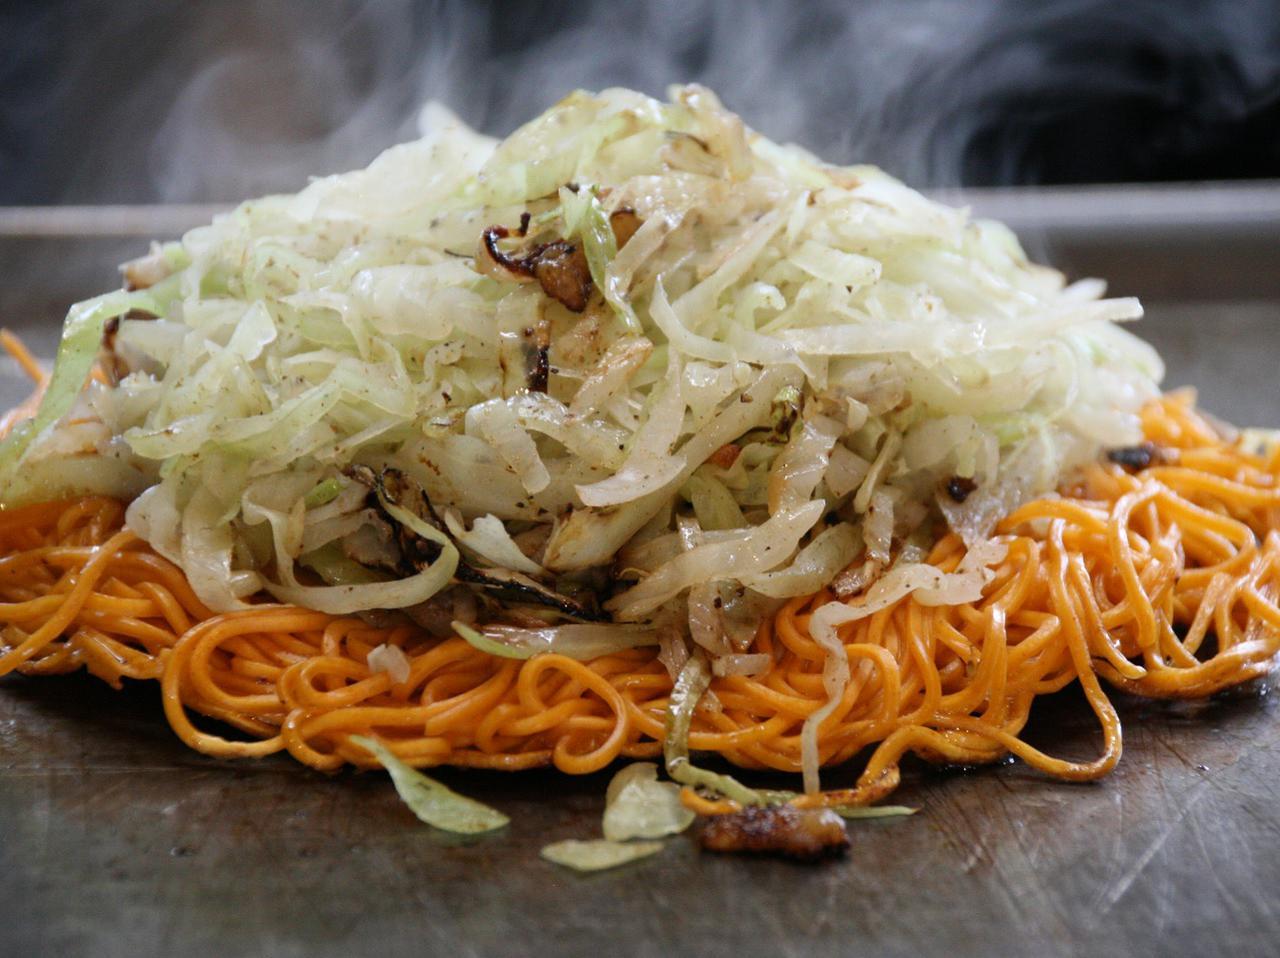 画像: 玉子の上に唐麺、炒め蒸したキャベツなどを乗せるスタイル